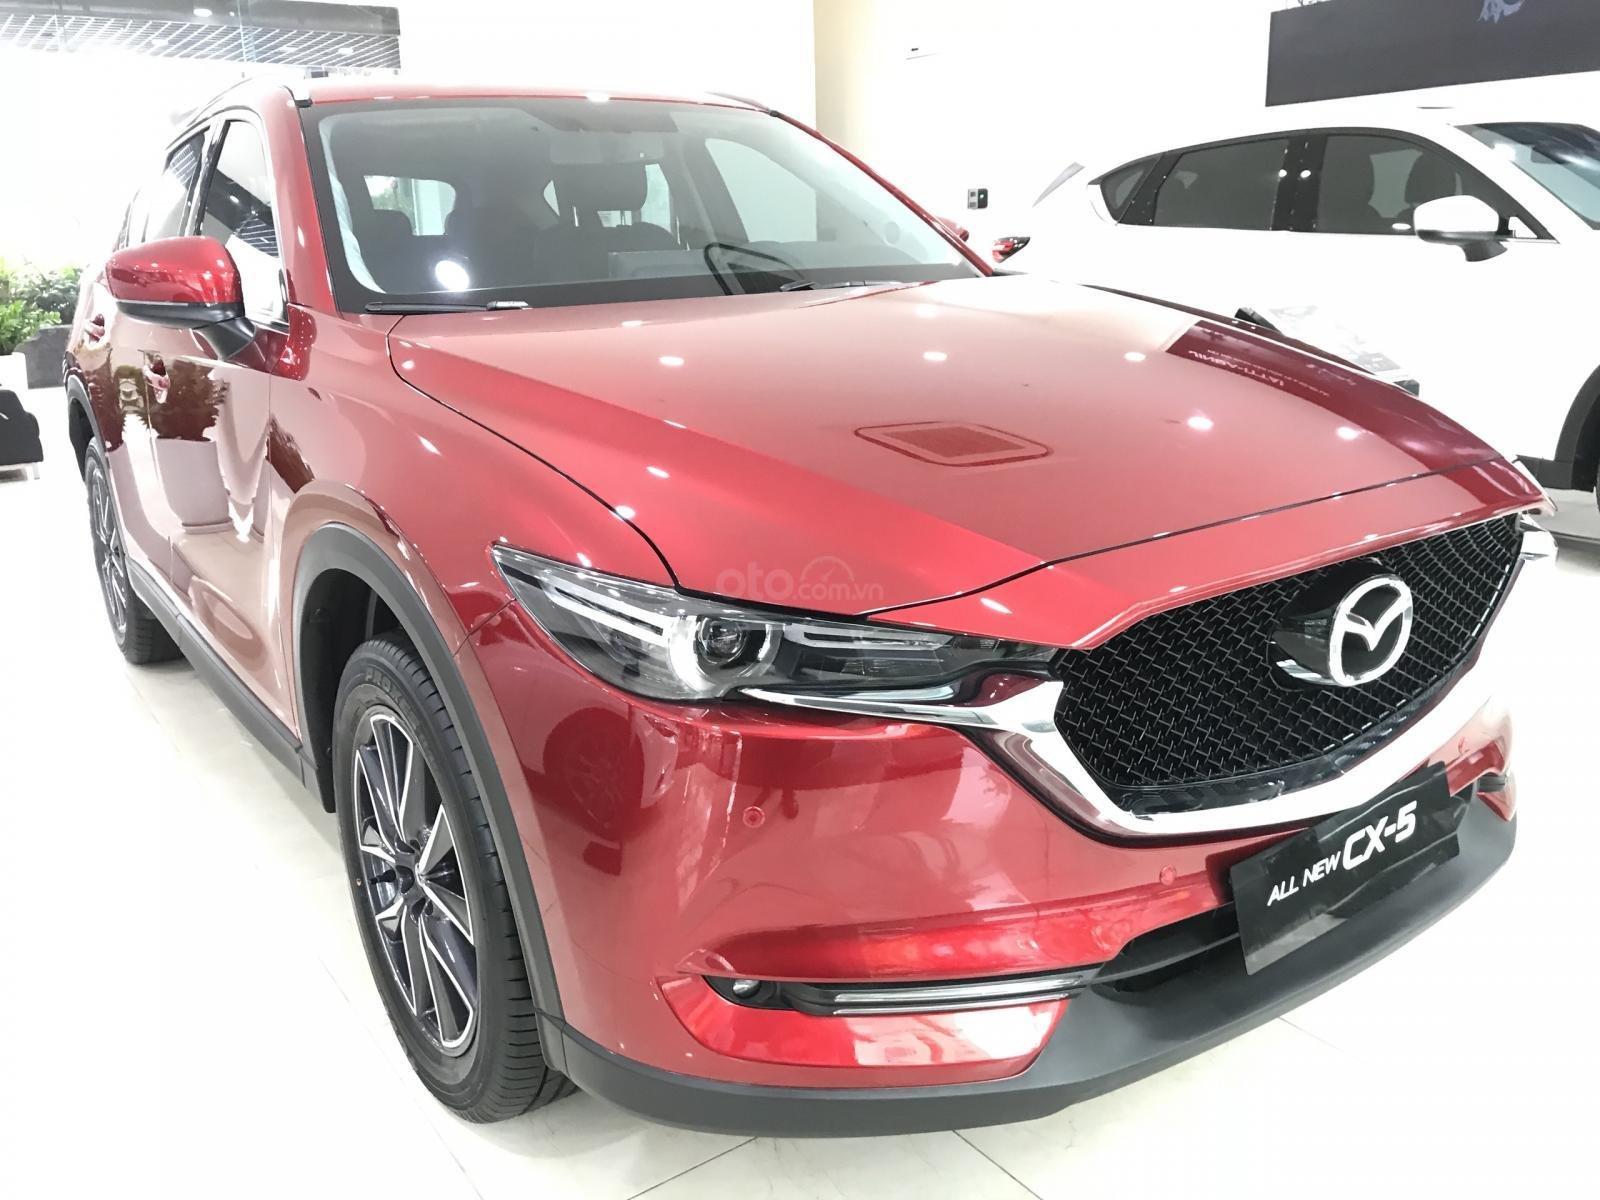 Mazda CX5 2019, chỉ 240tr nhận xe, khuyến mại cực khủng 5x Tr, LH: 098.115.3883/094.159.9922 để được hỗ trợ tốt nhất-0